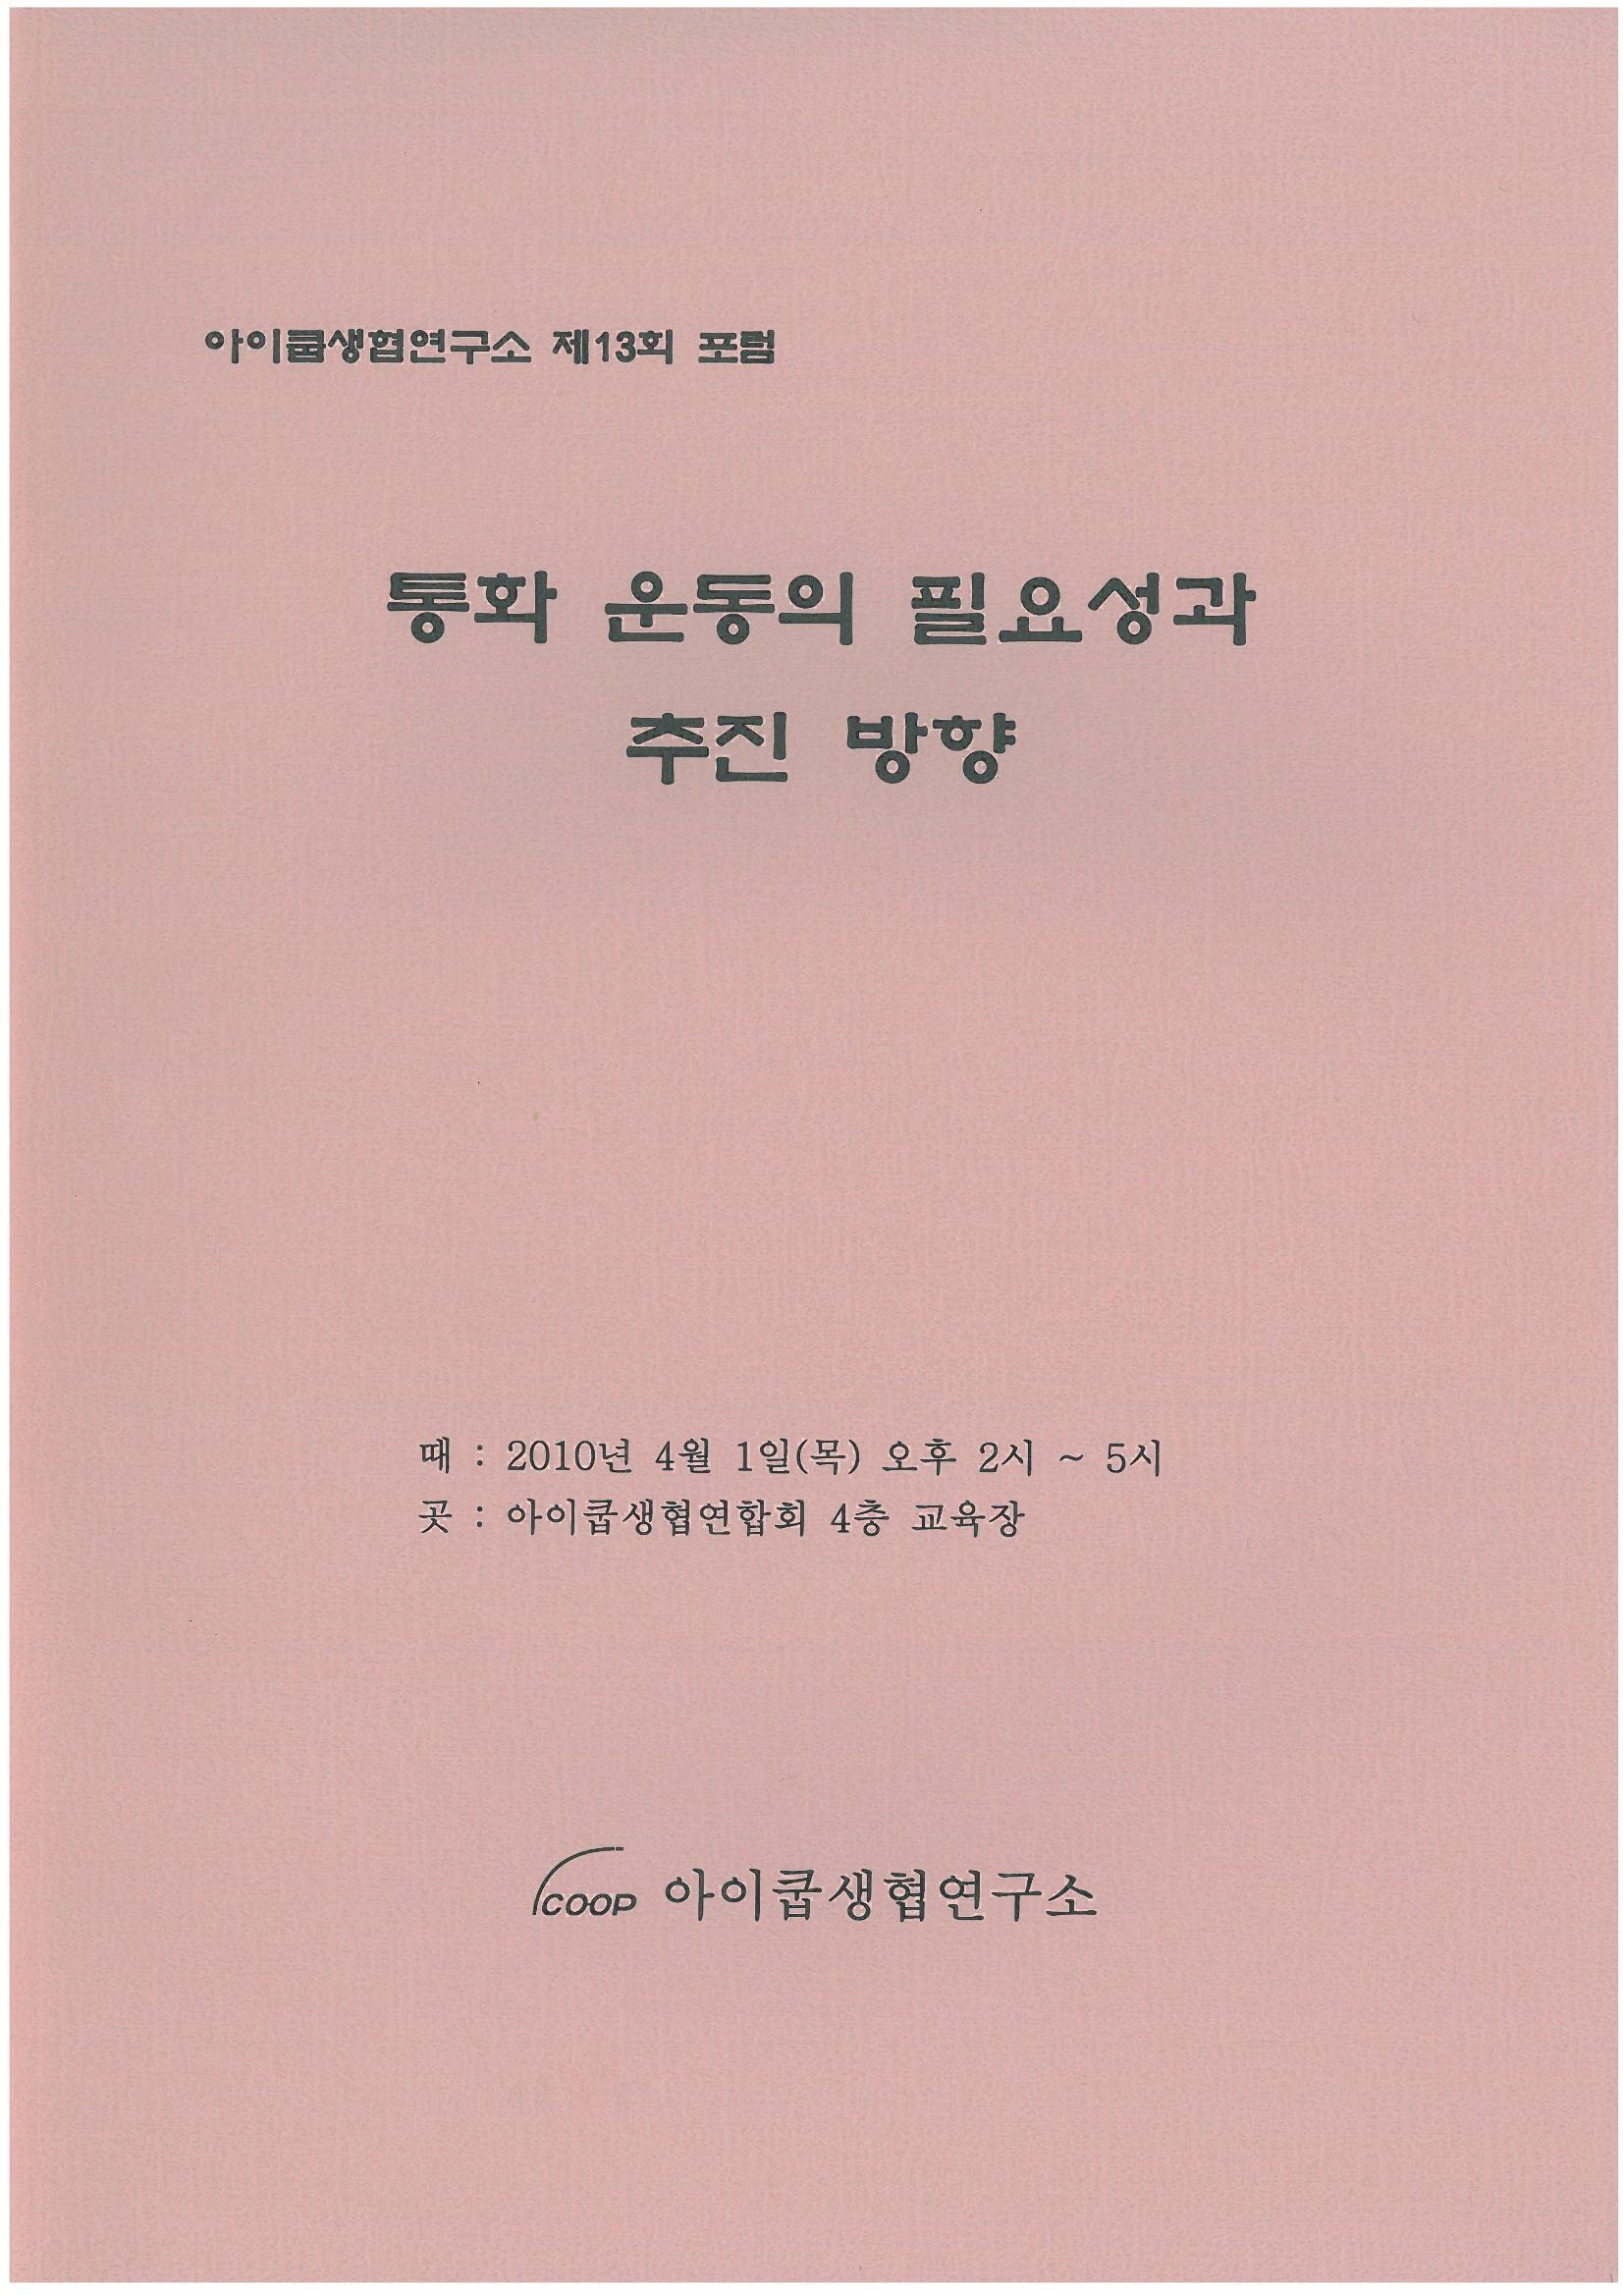 44_(제13회 포럼 자료집) 『통화 운동의 필요성과 추진방향』.jpg